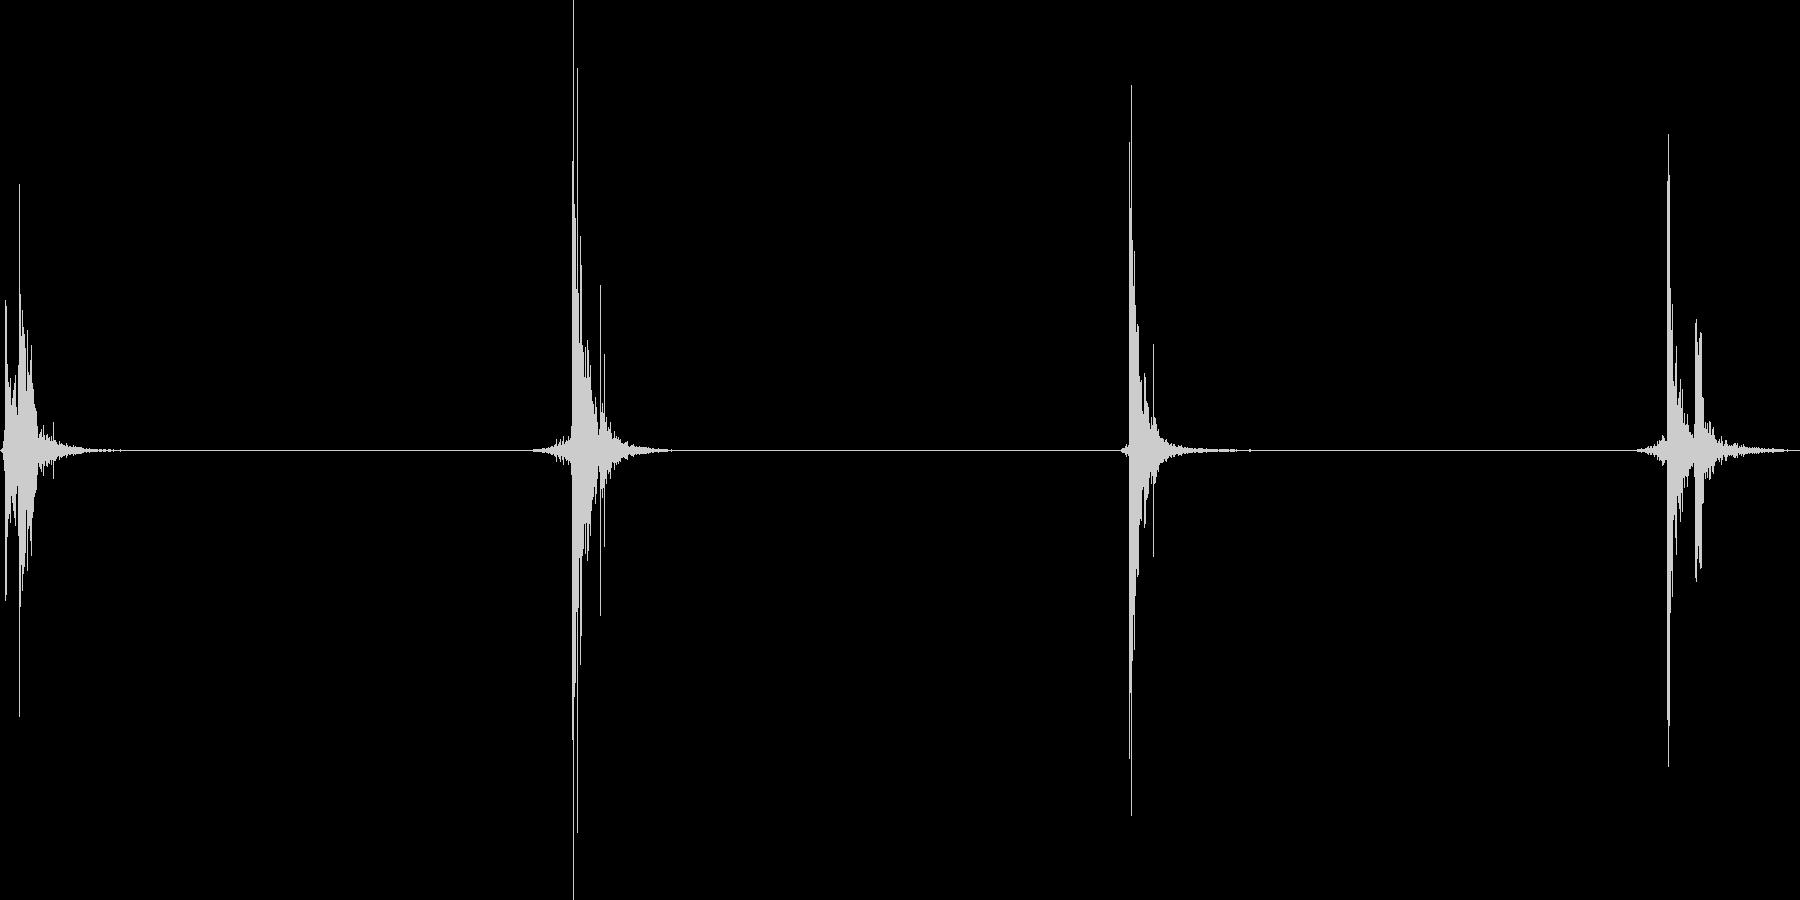 汎用的な足音の未再生の波形